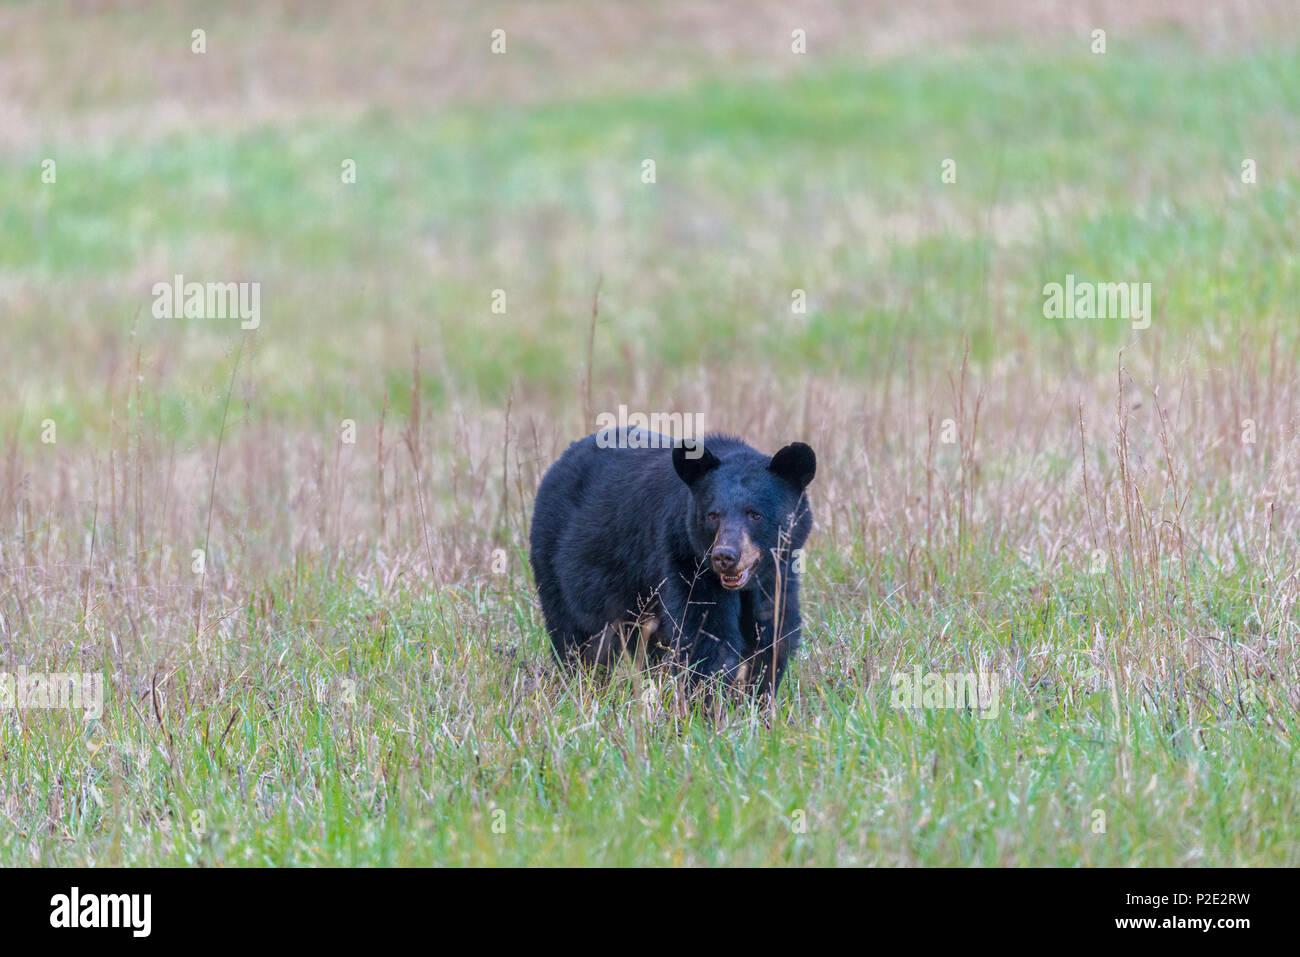 Un ours noir d'Amérique du Nord qui se tient debout dans un champ dans les Smoky Mountains with copy space. Il est face à la caméra. Photo Stock